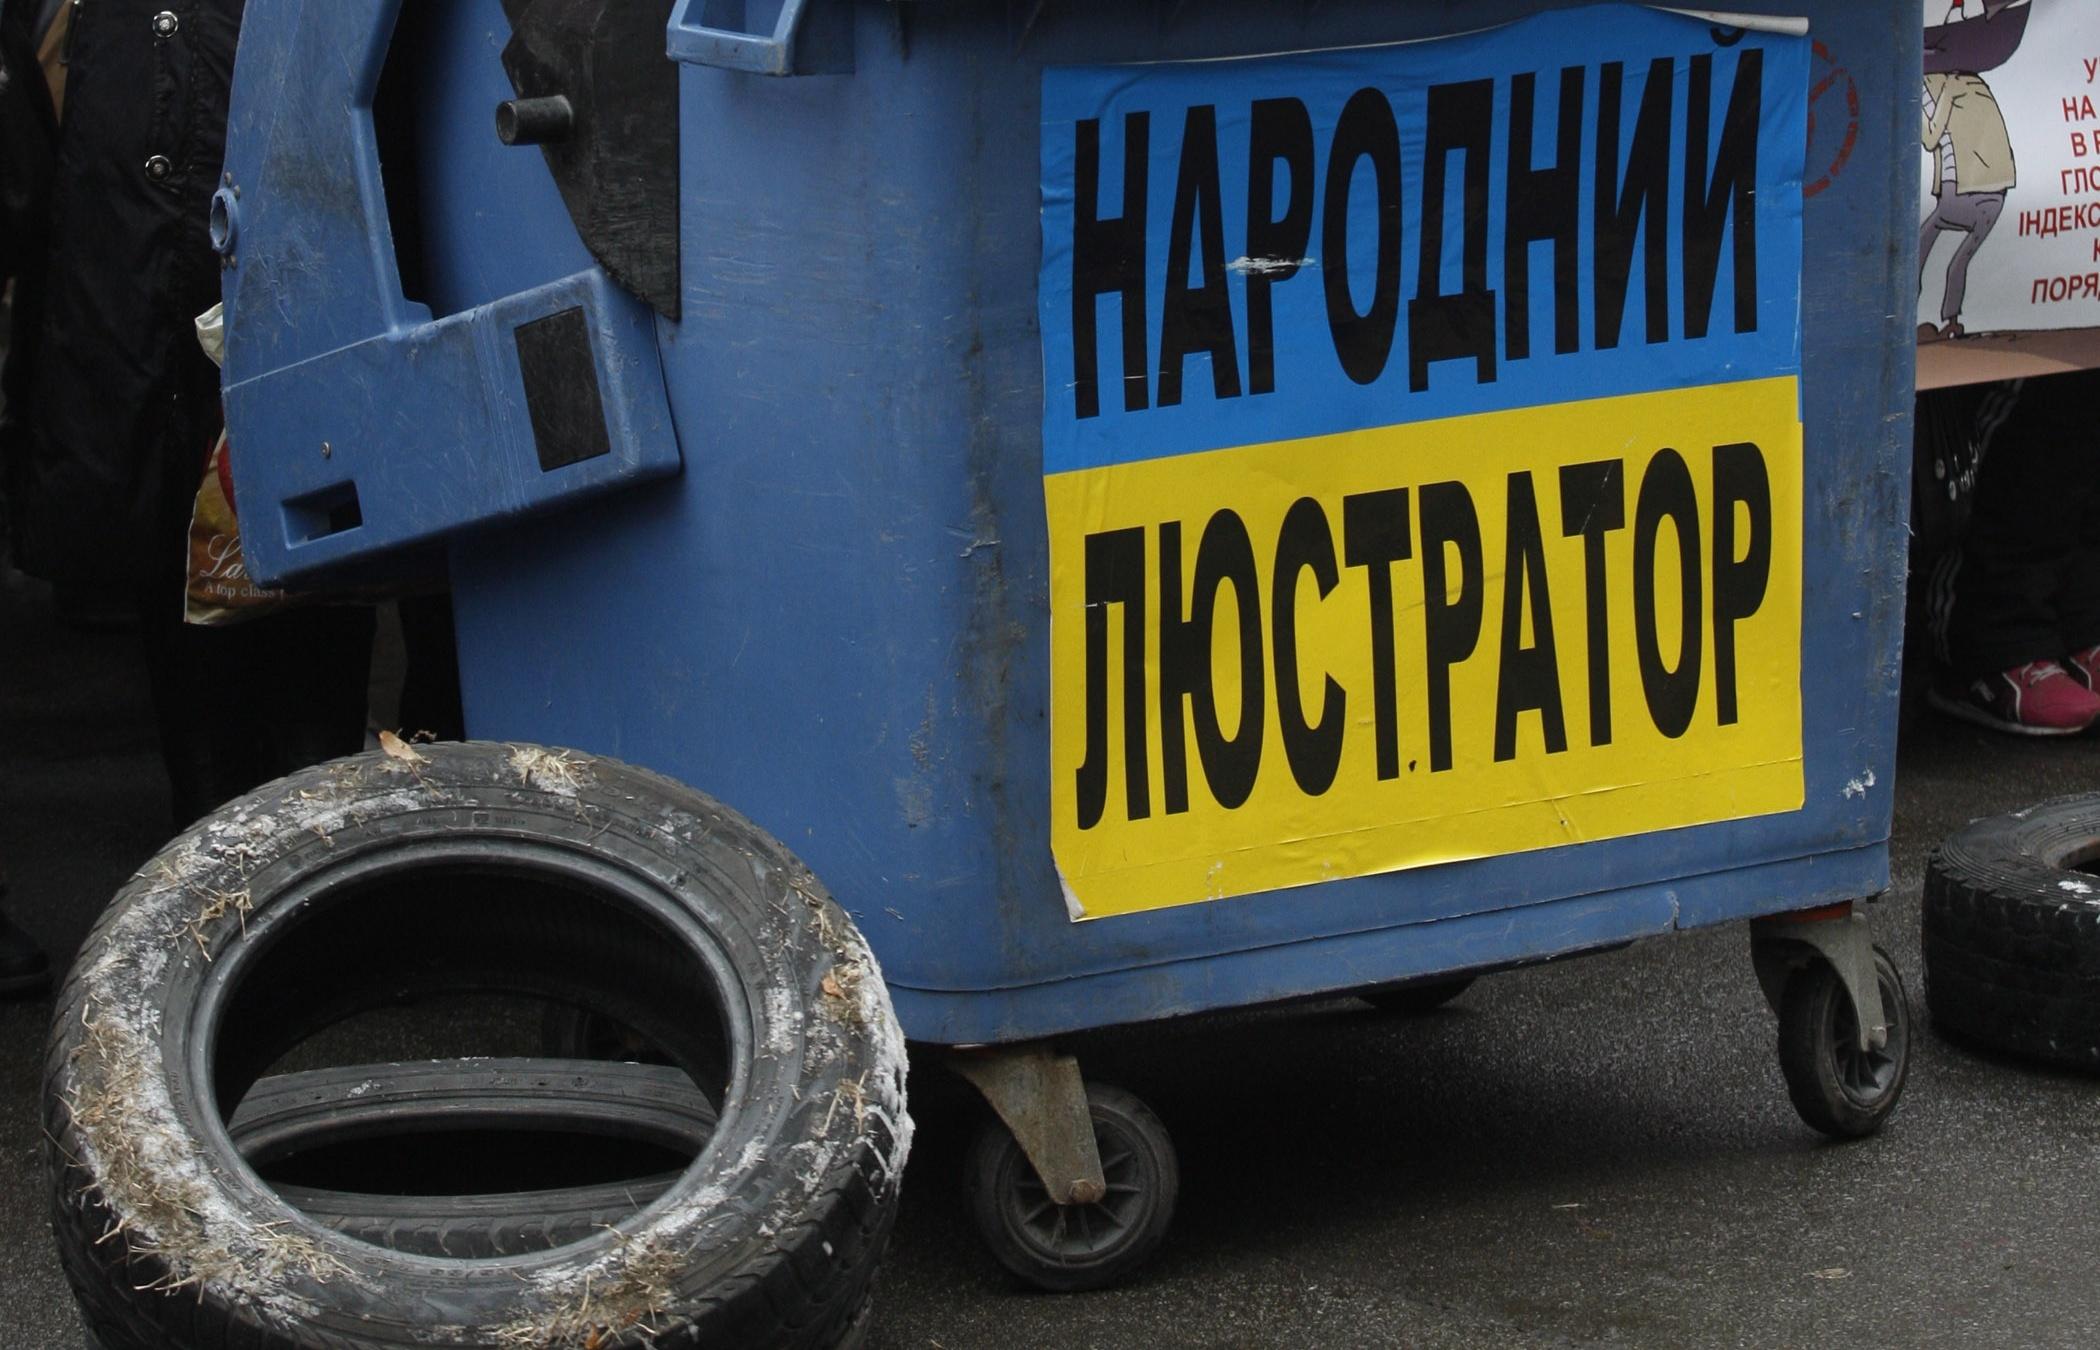 Ослунд: Венецианская комиссия вредит процессу люстрации в Украине